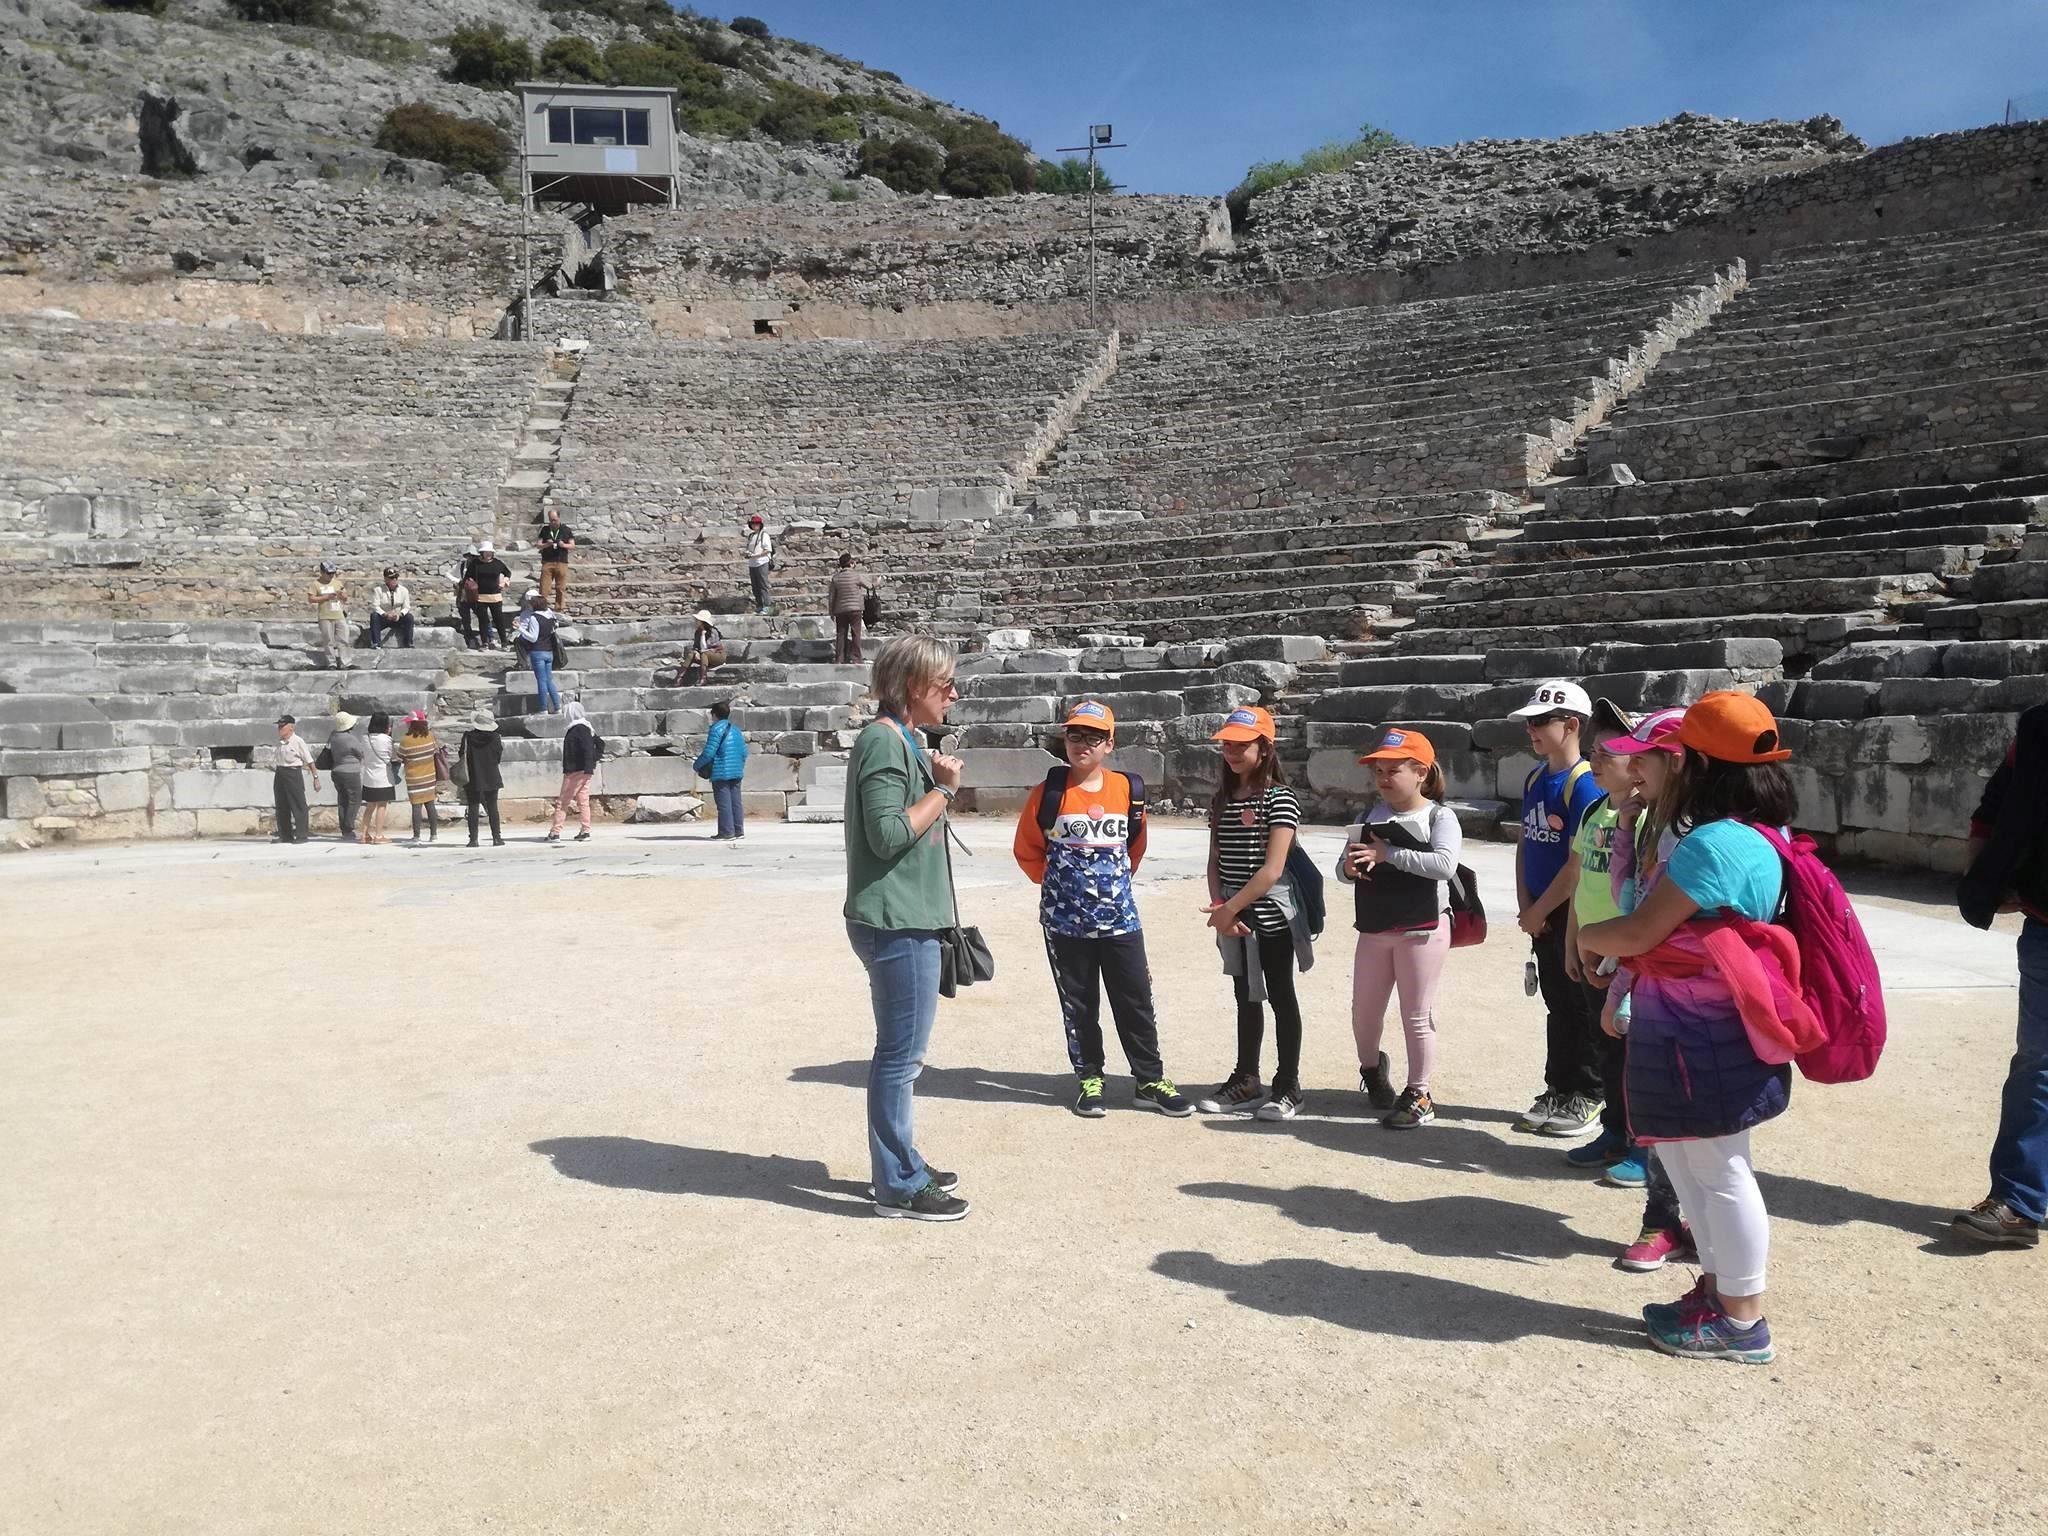 Επίσκεψη της Δ'  Δημοτικού στον αρχαιολογικό χώρο των Φιλίππων Καβάλας